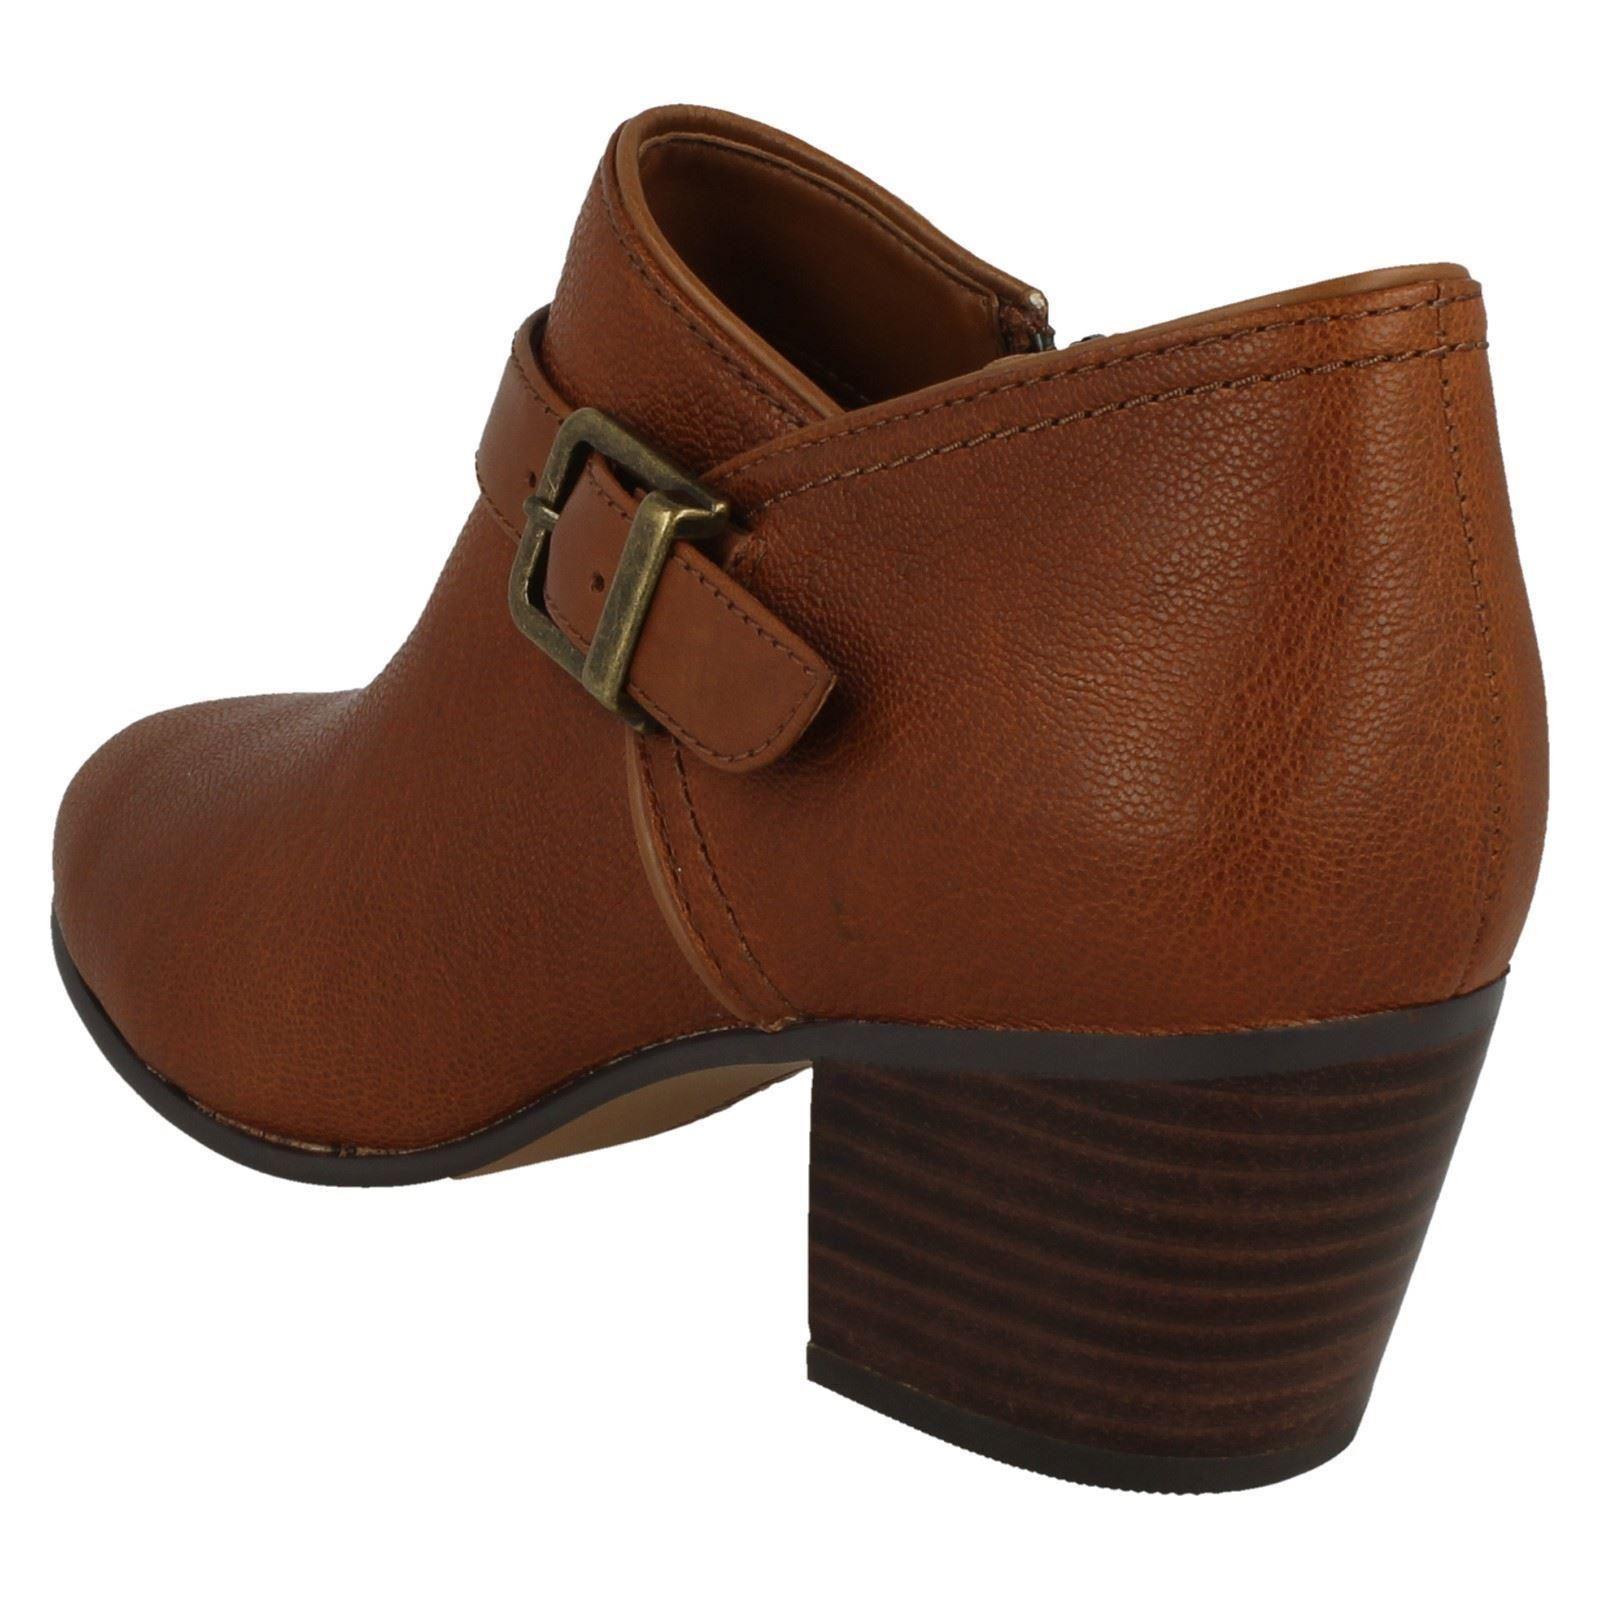 Damas Clarks Hebilla detallado botas al al al Tobillo maypearl Milla 671546